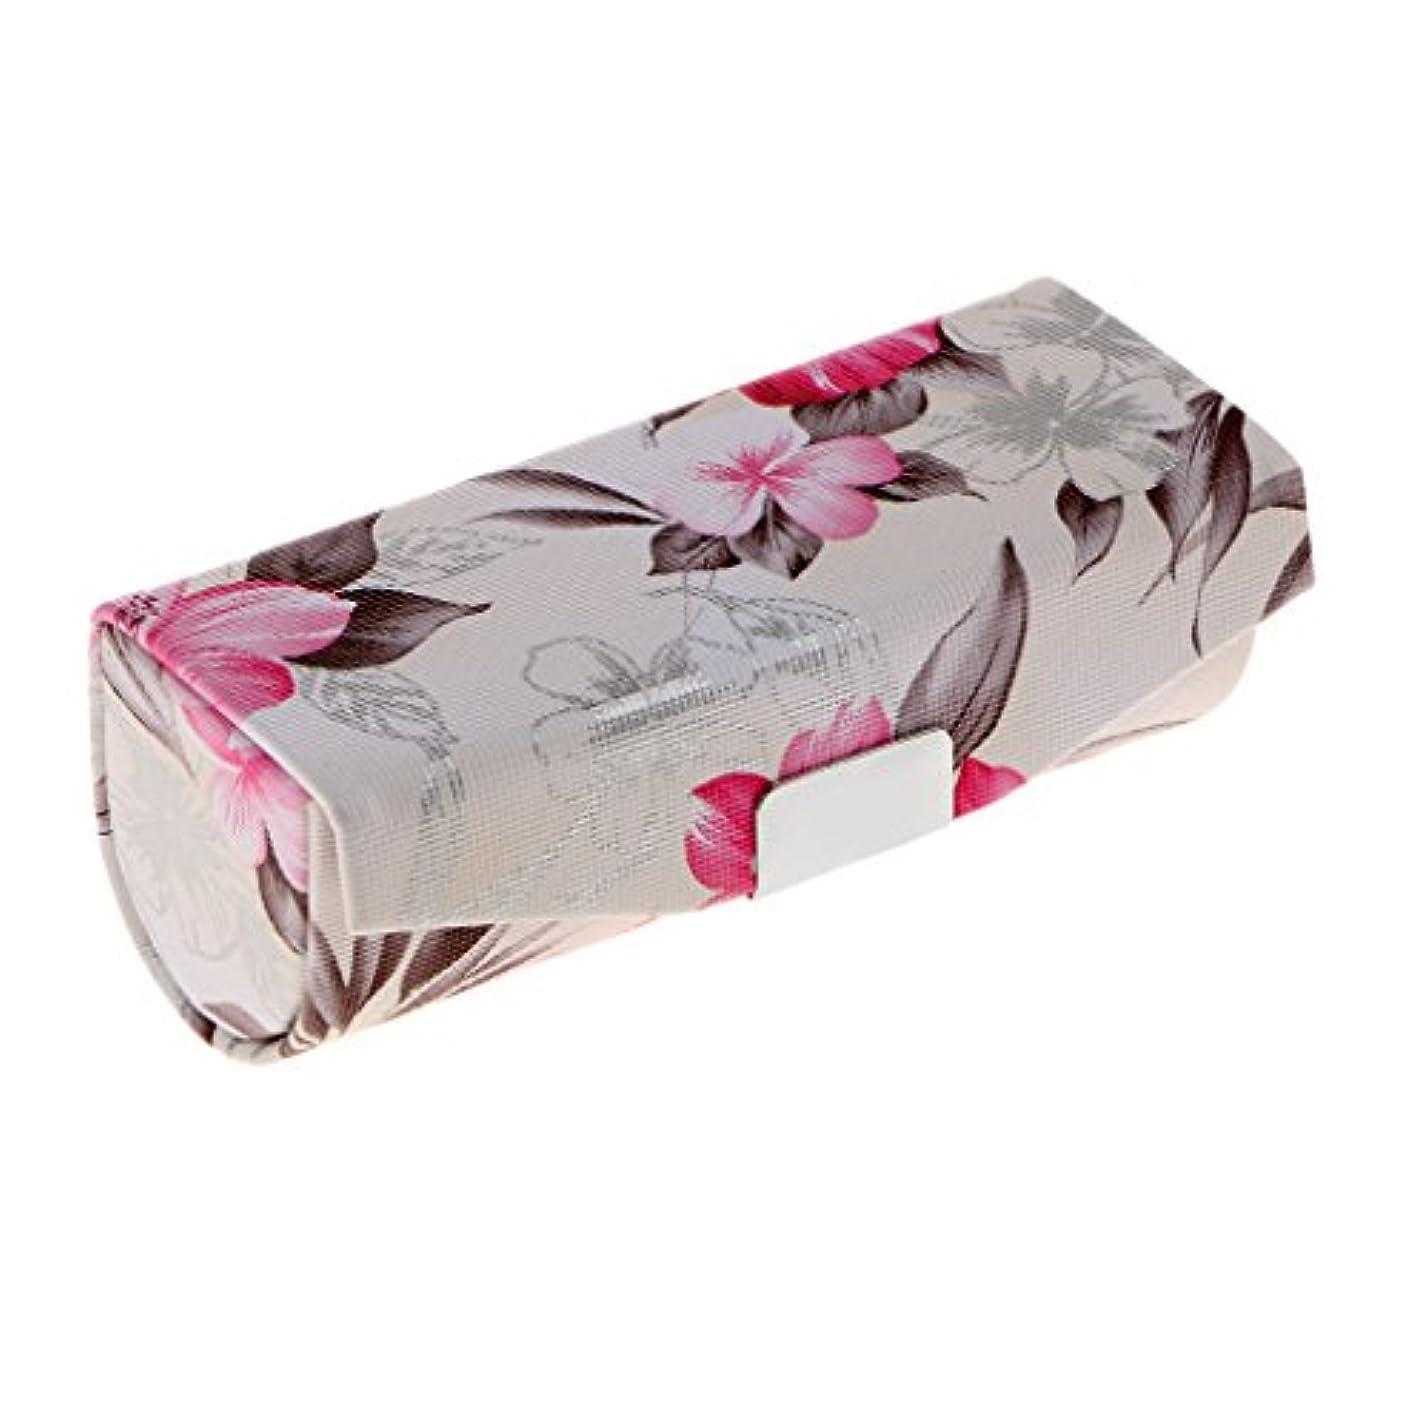 アプト命題資金CUTICATE 口紅ケース 化粧ポーチ ミラー付き リップスティックホルダー レトロ プレゼント 全3色 - 白